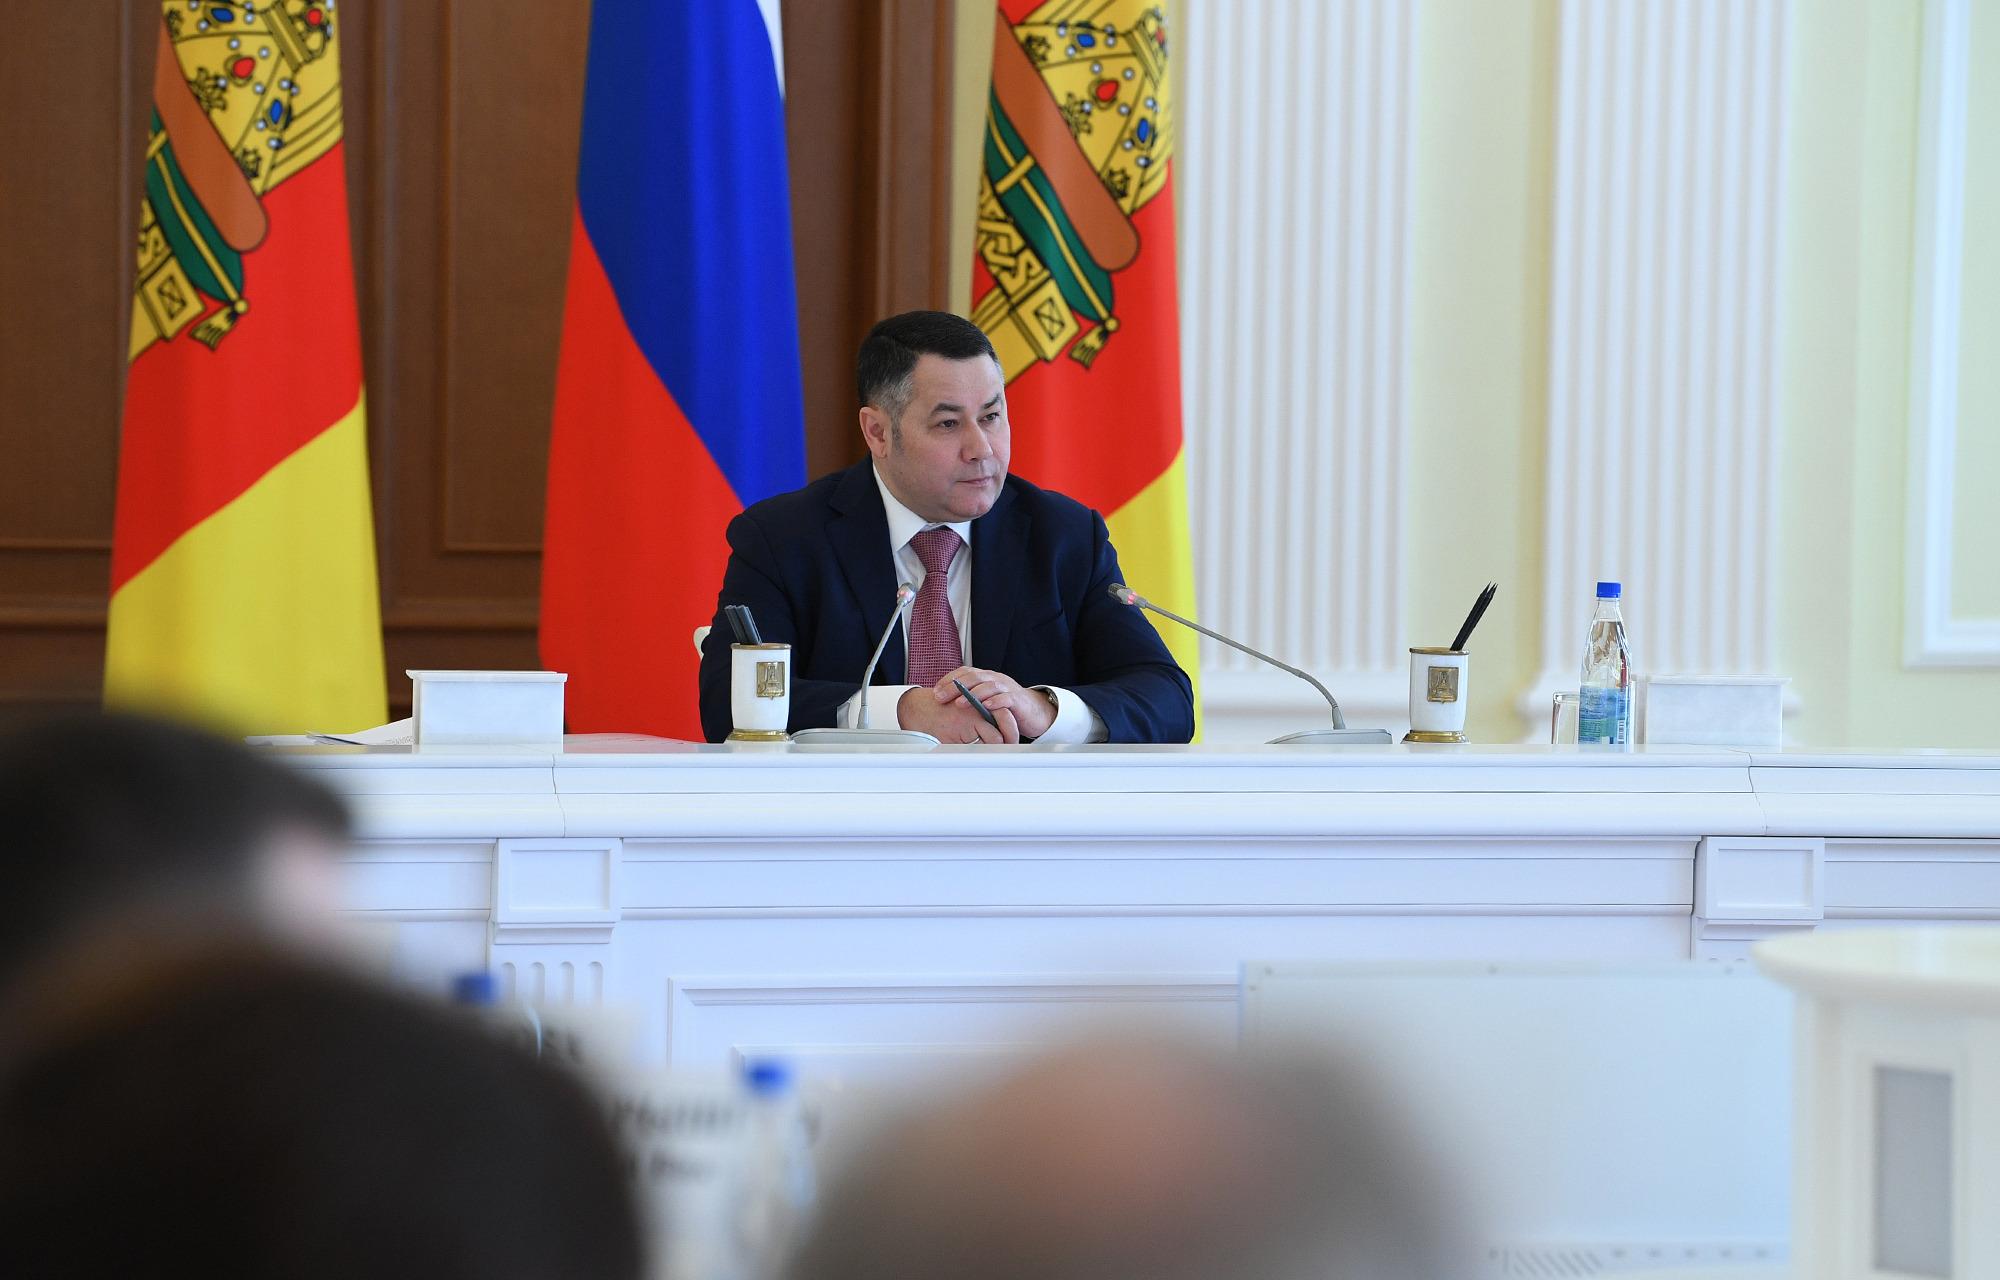 Больше 8600 жителей Тверской области переселились из аварийного жилья за 5 лет